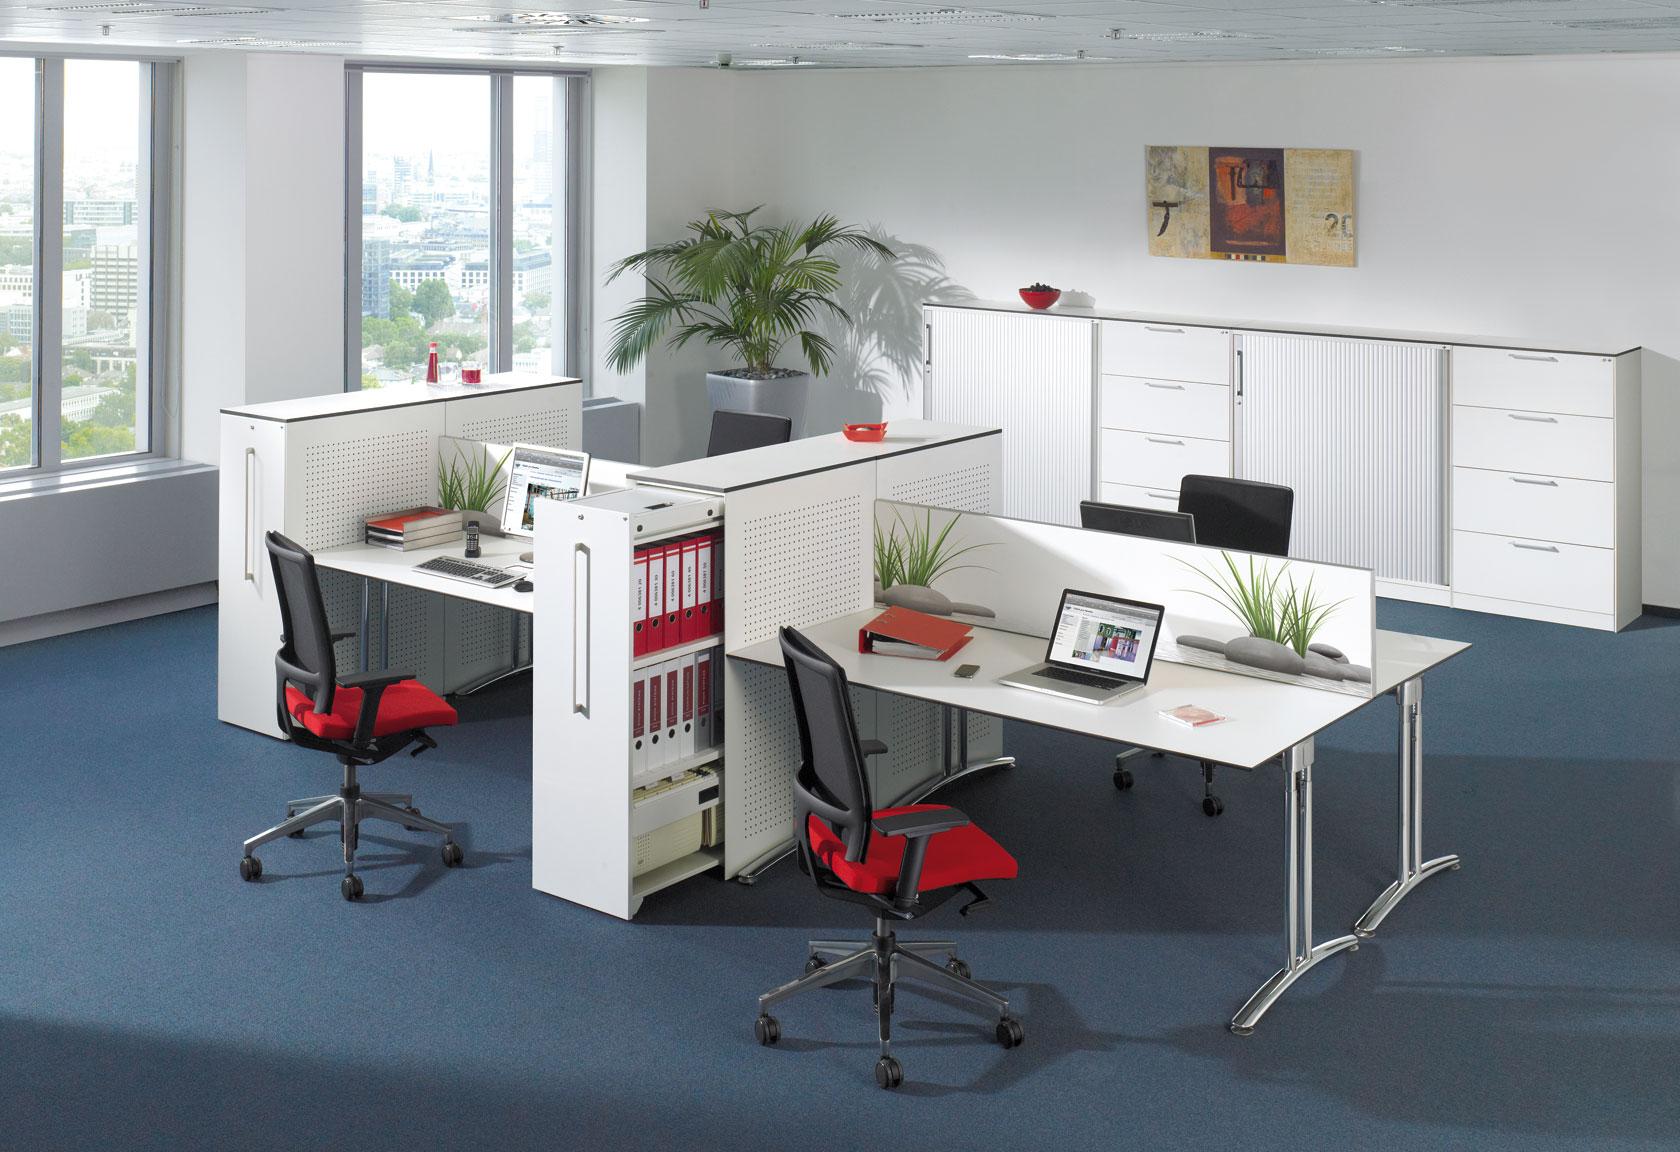 Gruppenarbeitsplatz mit integriertem Auszugsschrank